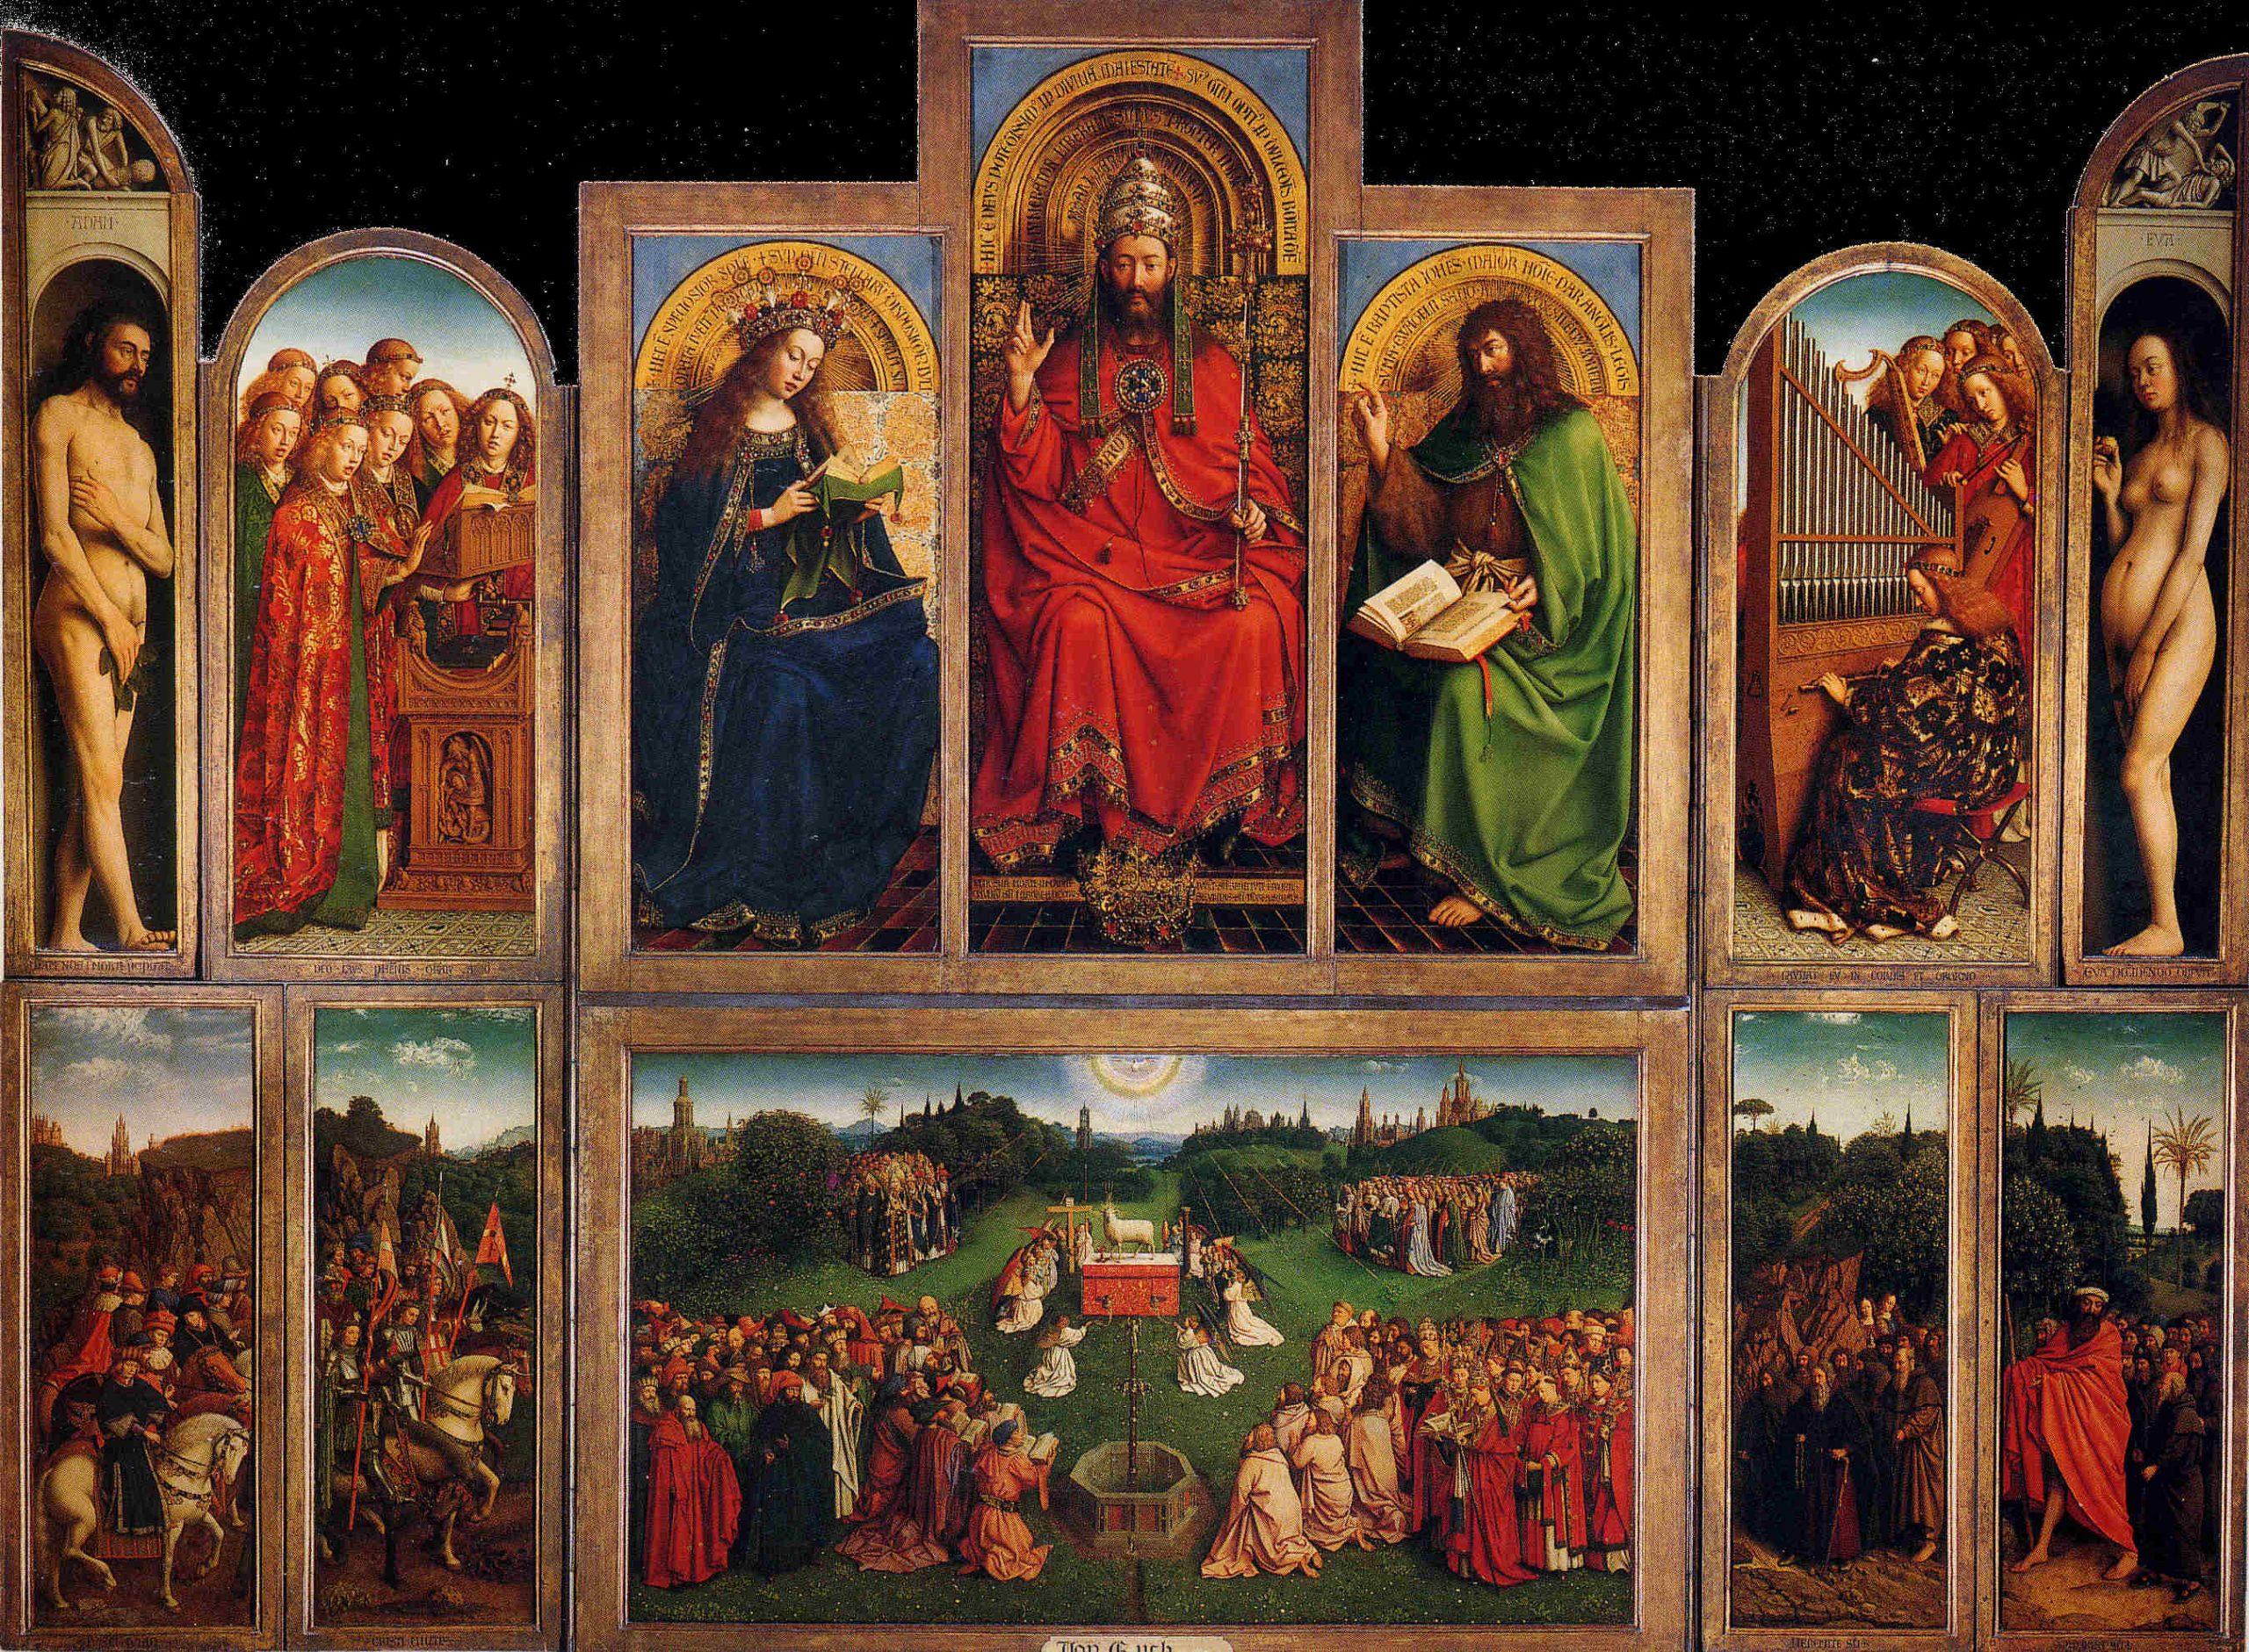 Jan Van Eyck et La peinture à l'huile, Vernis et Médium